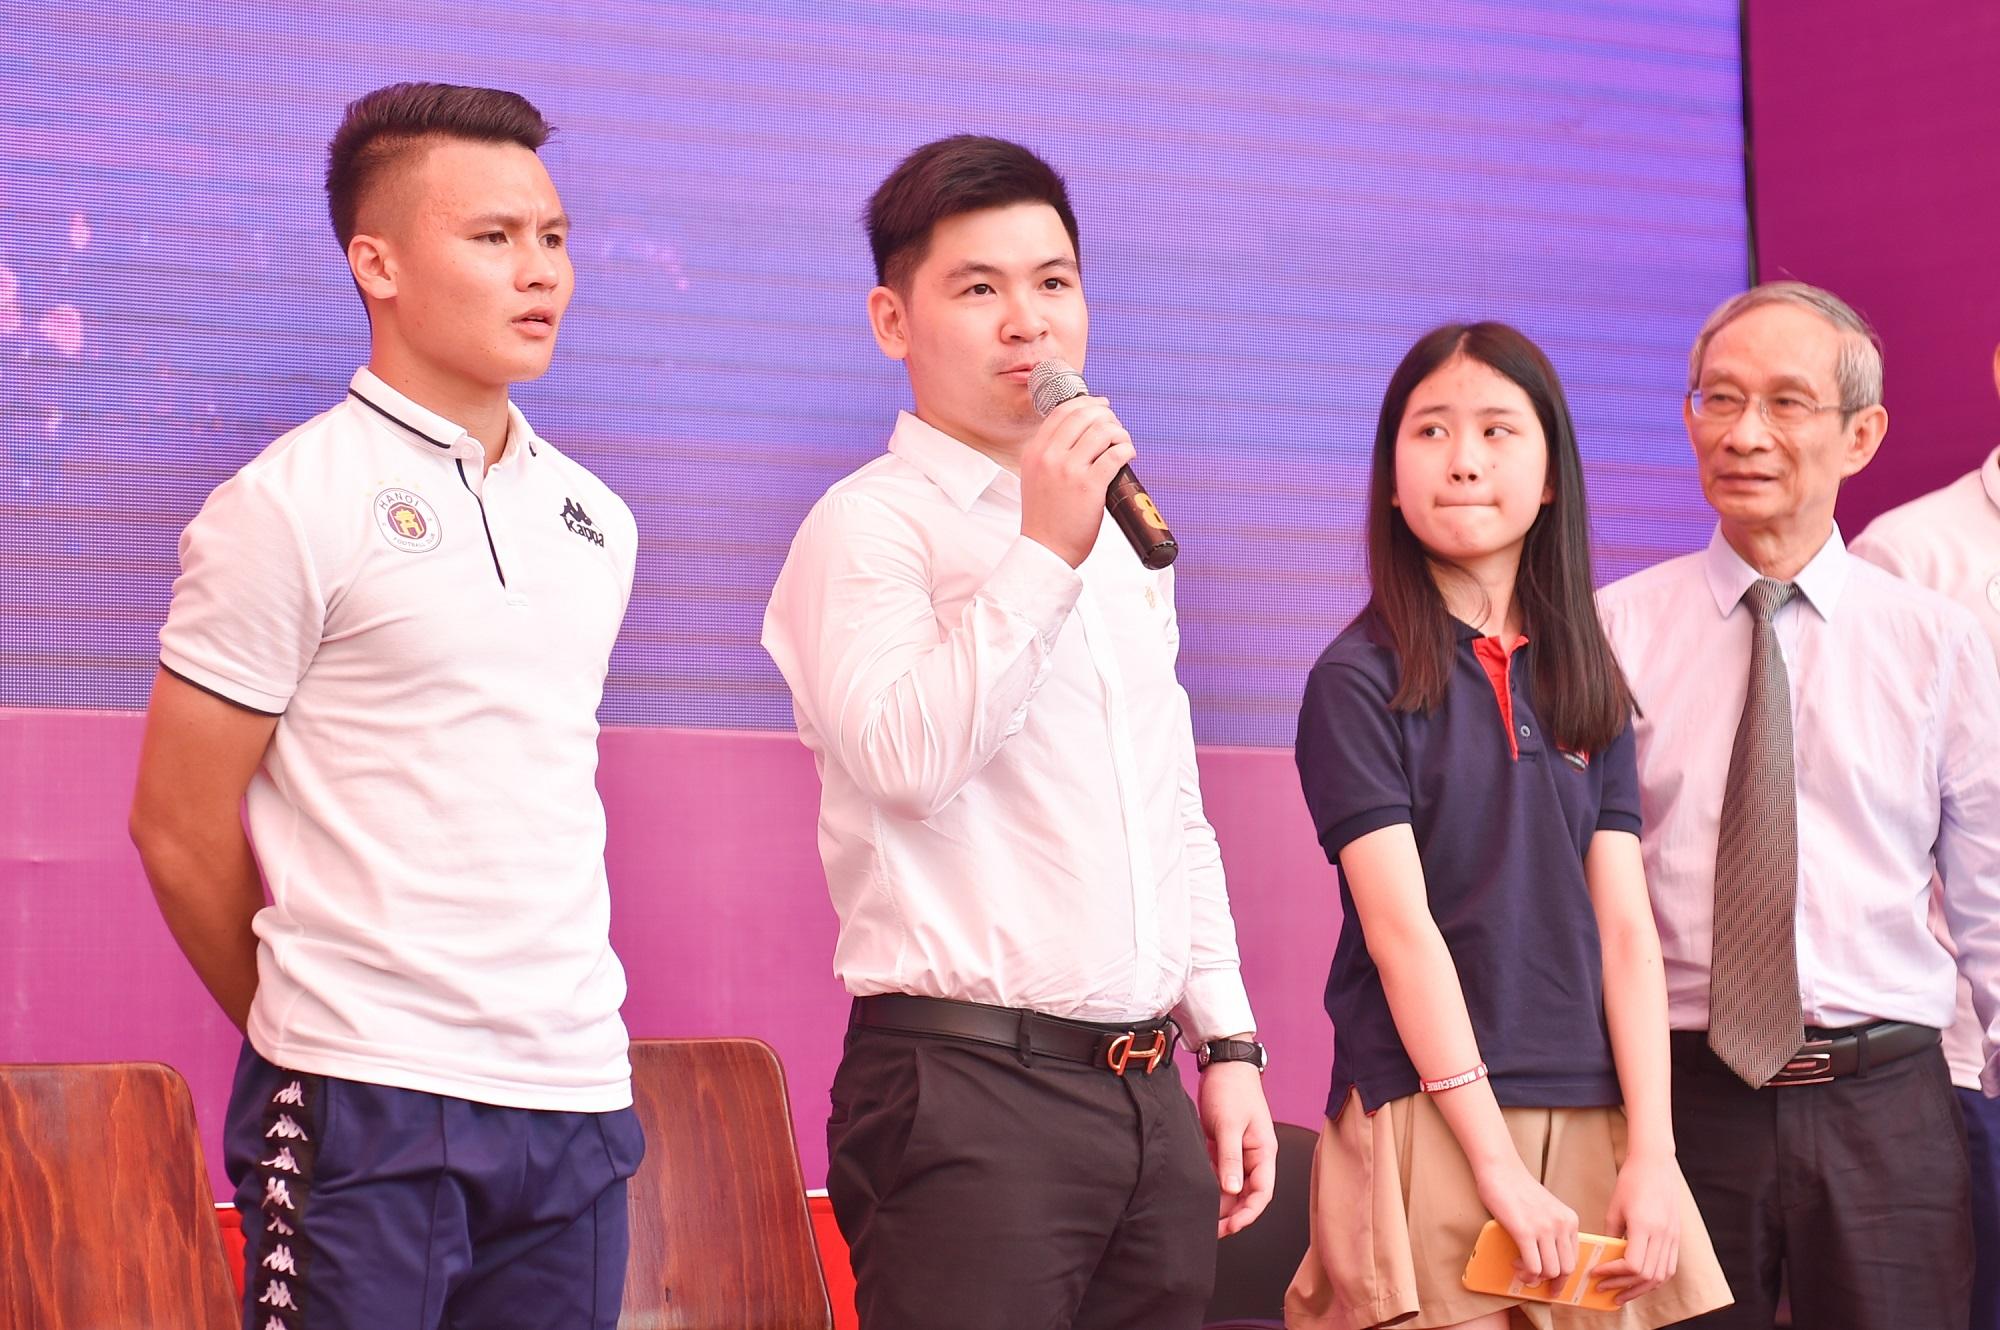 CLB bóng đá Hà Nội tổ chức sinh nhật cho Duy Mạnh ở trường THCS Marie Curie  - Ảnh 3